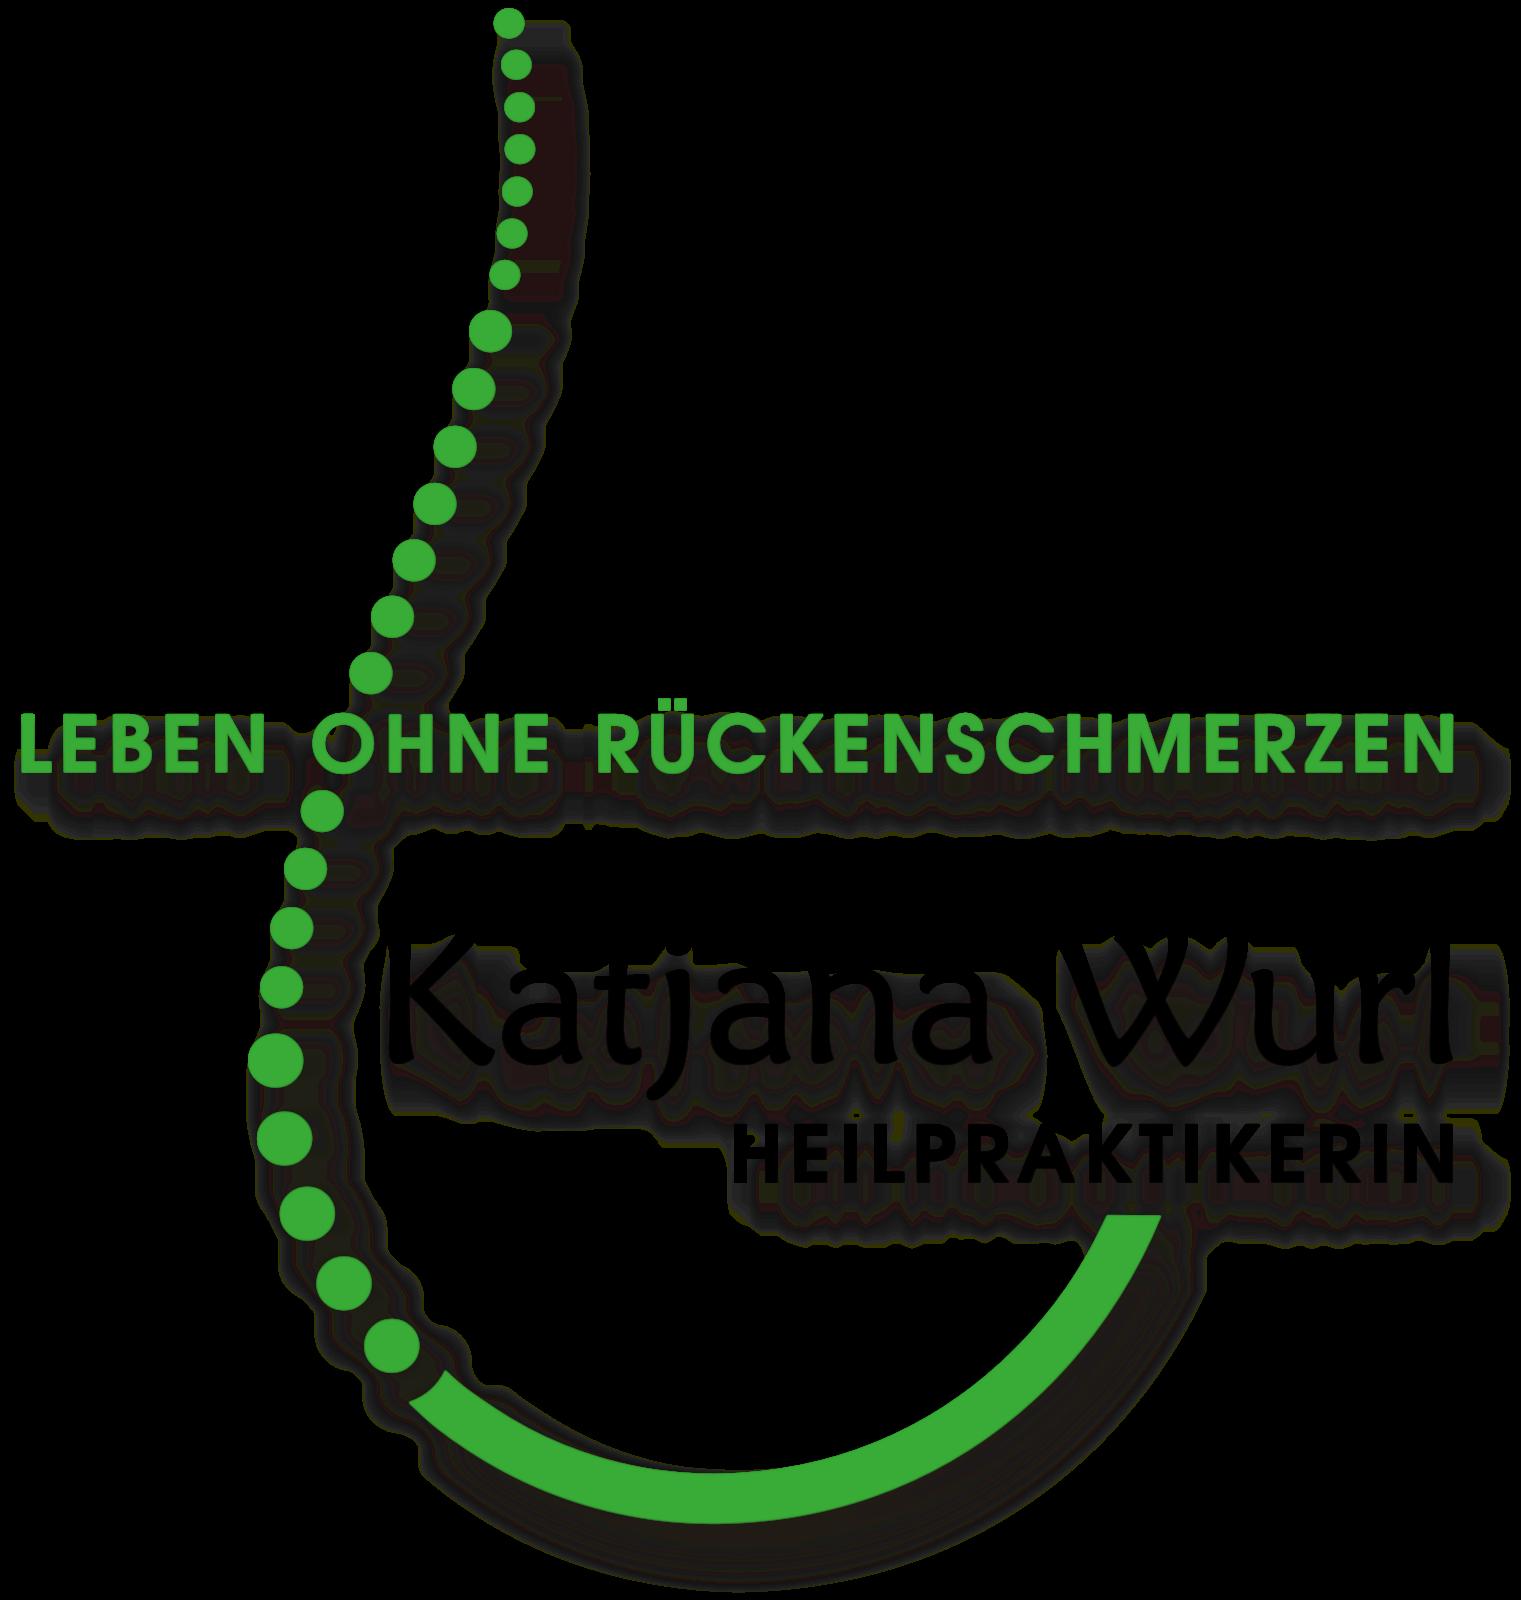 Praxis Katjana Wurl